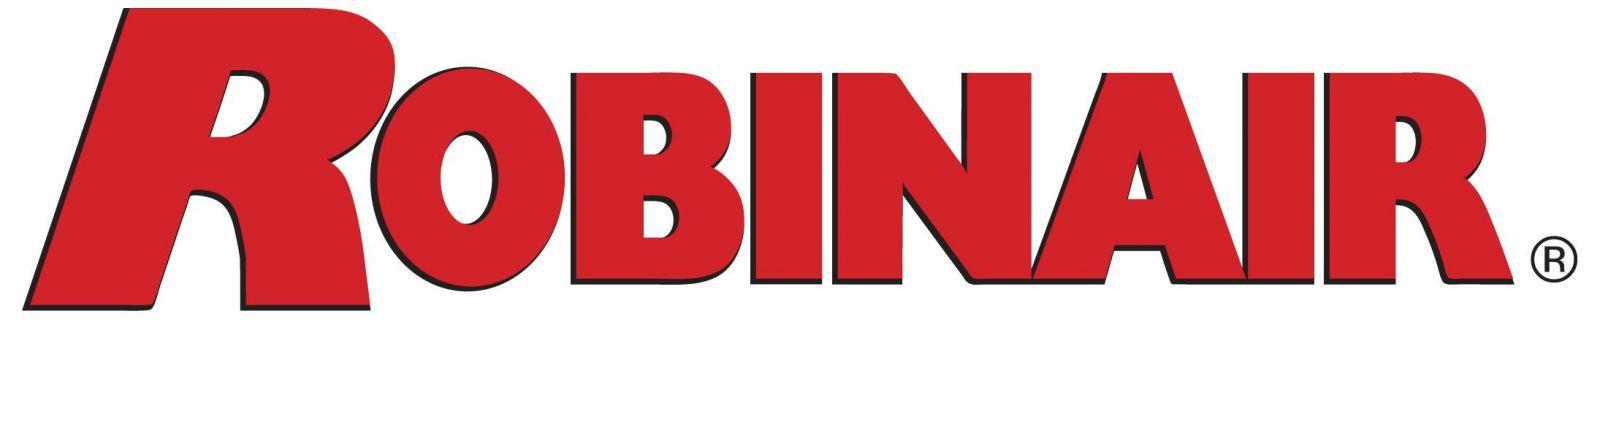 Robinair-Logo-2-1.jpg